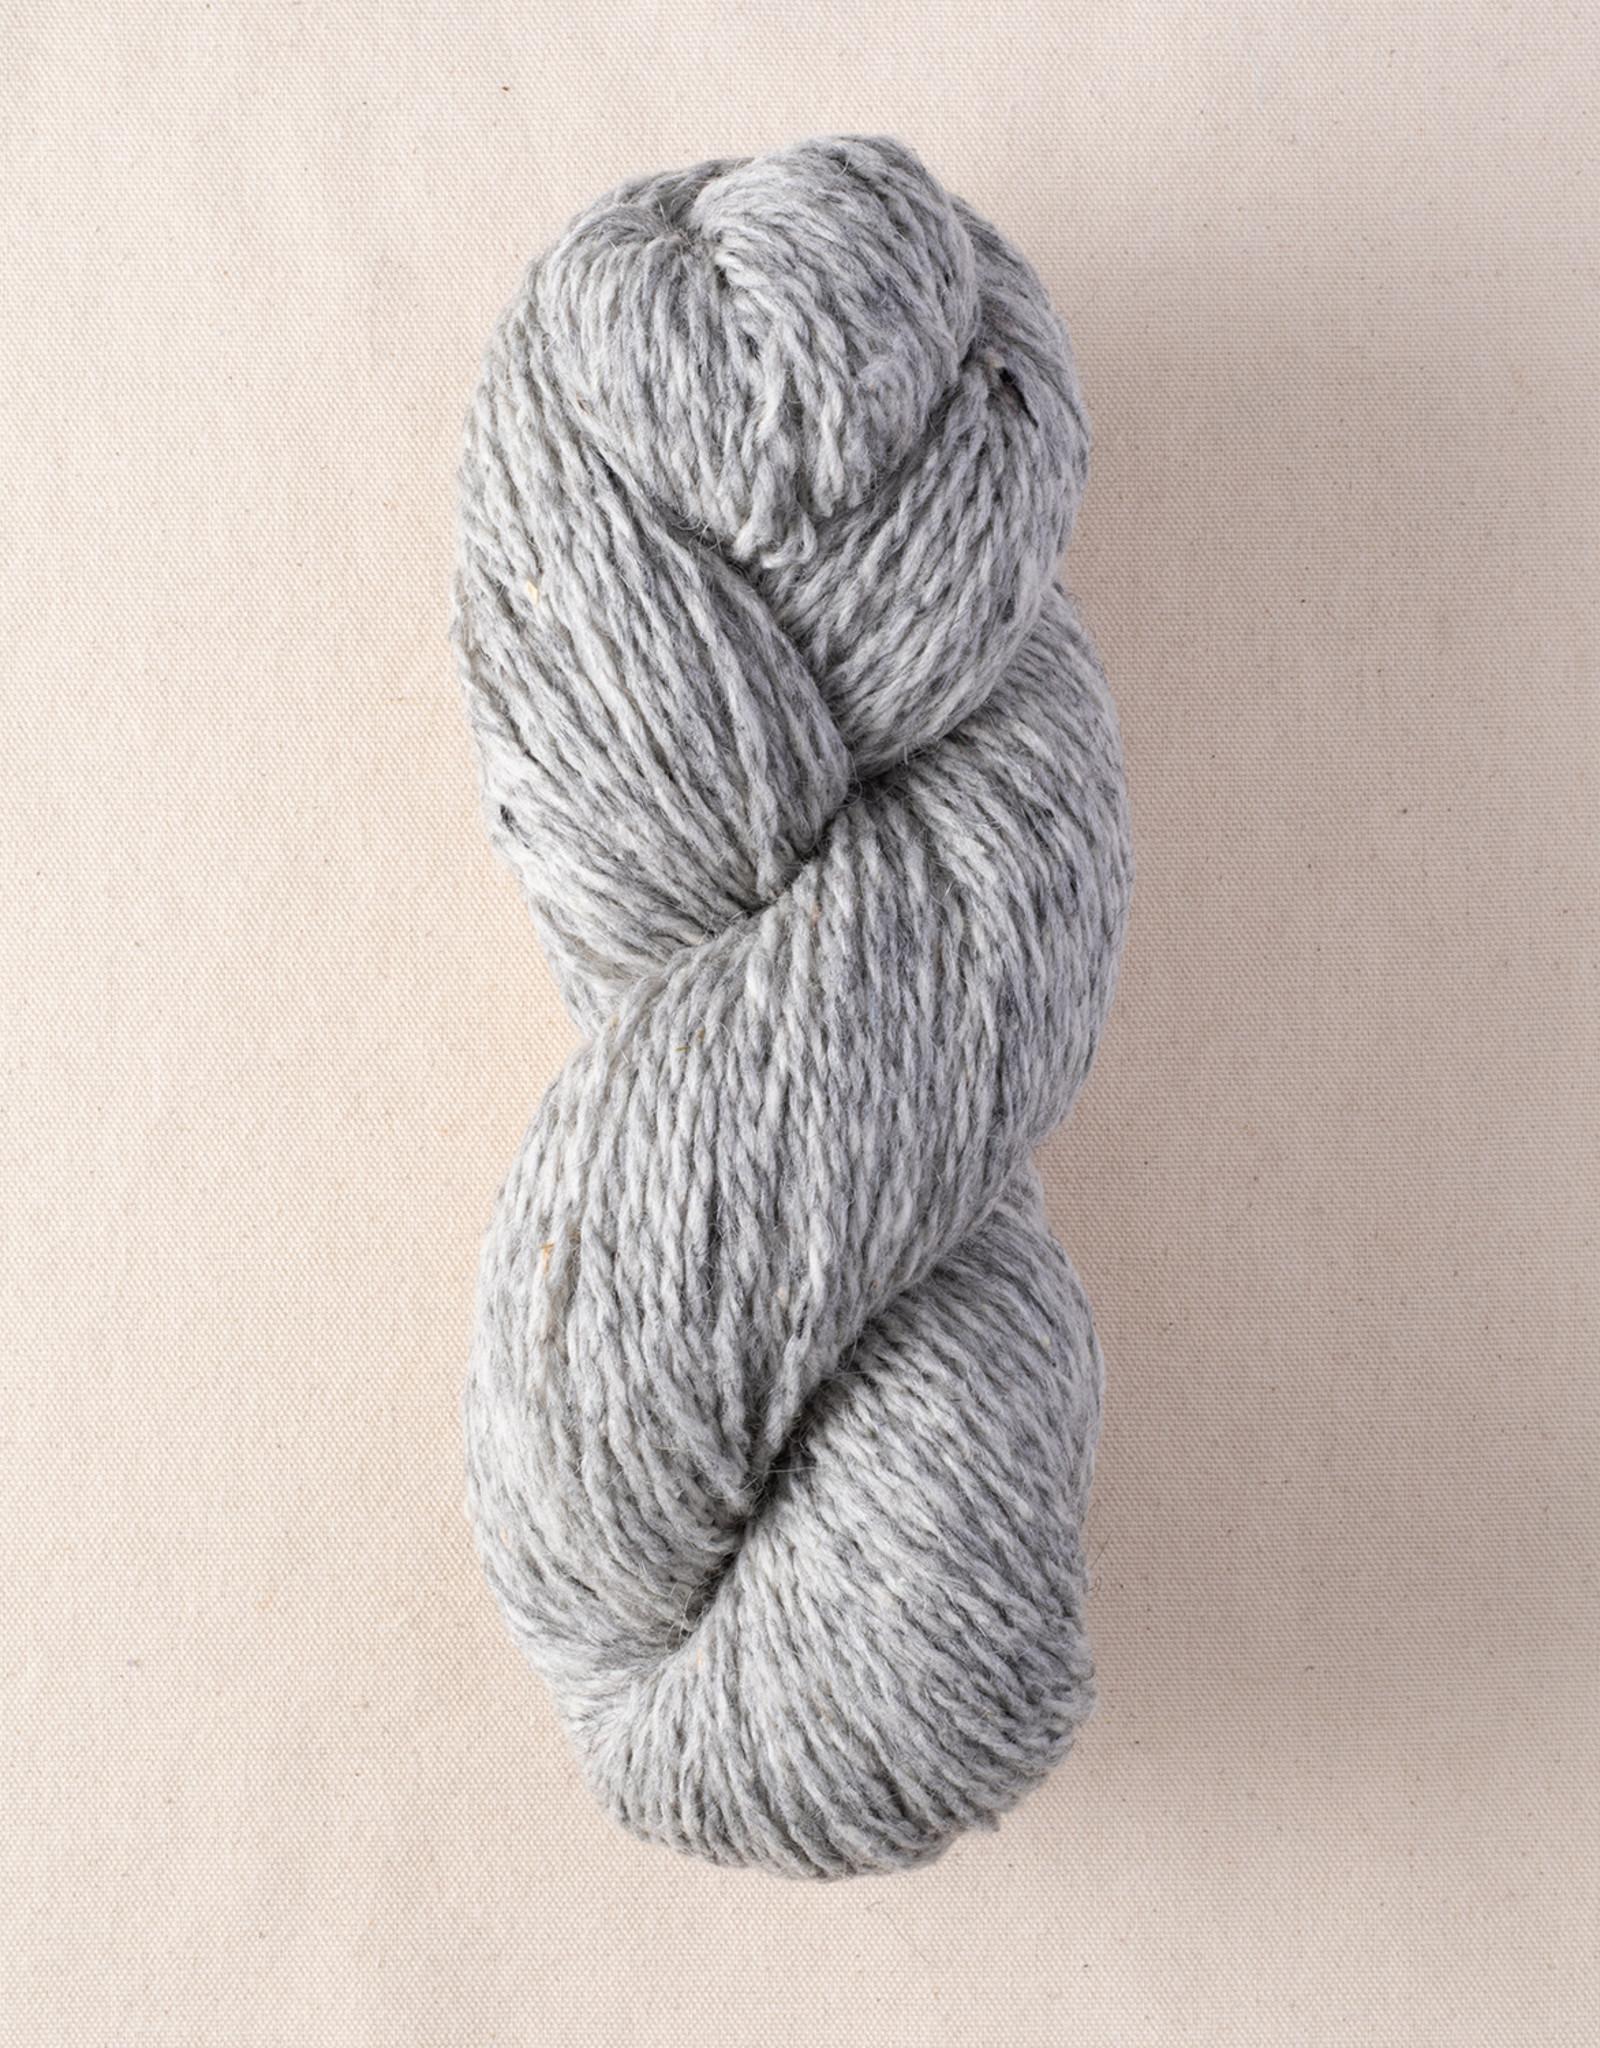 Peace Fleece Wstd 4oz 702 Negotiation Grey